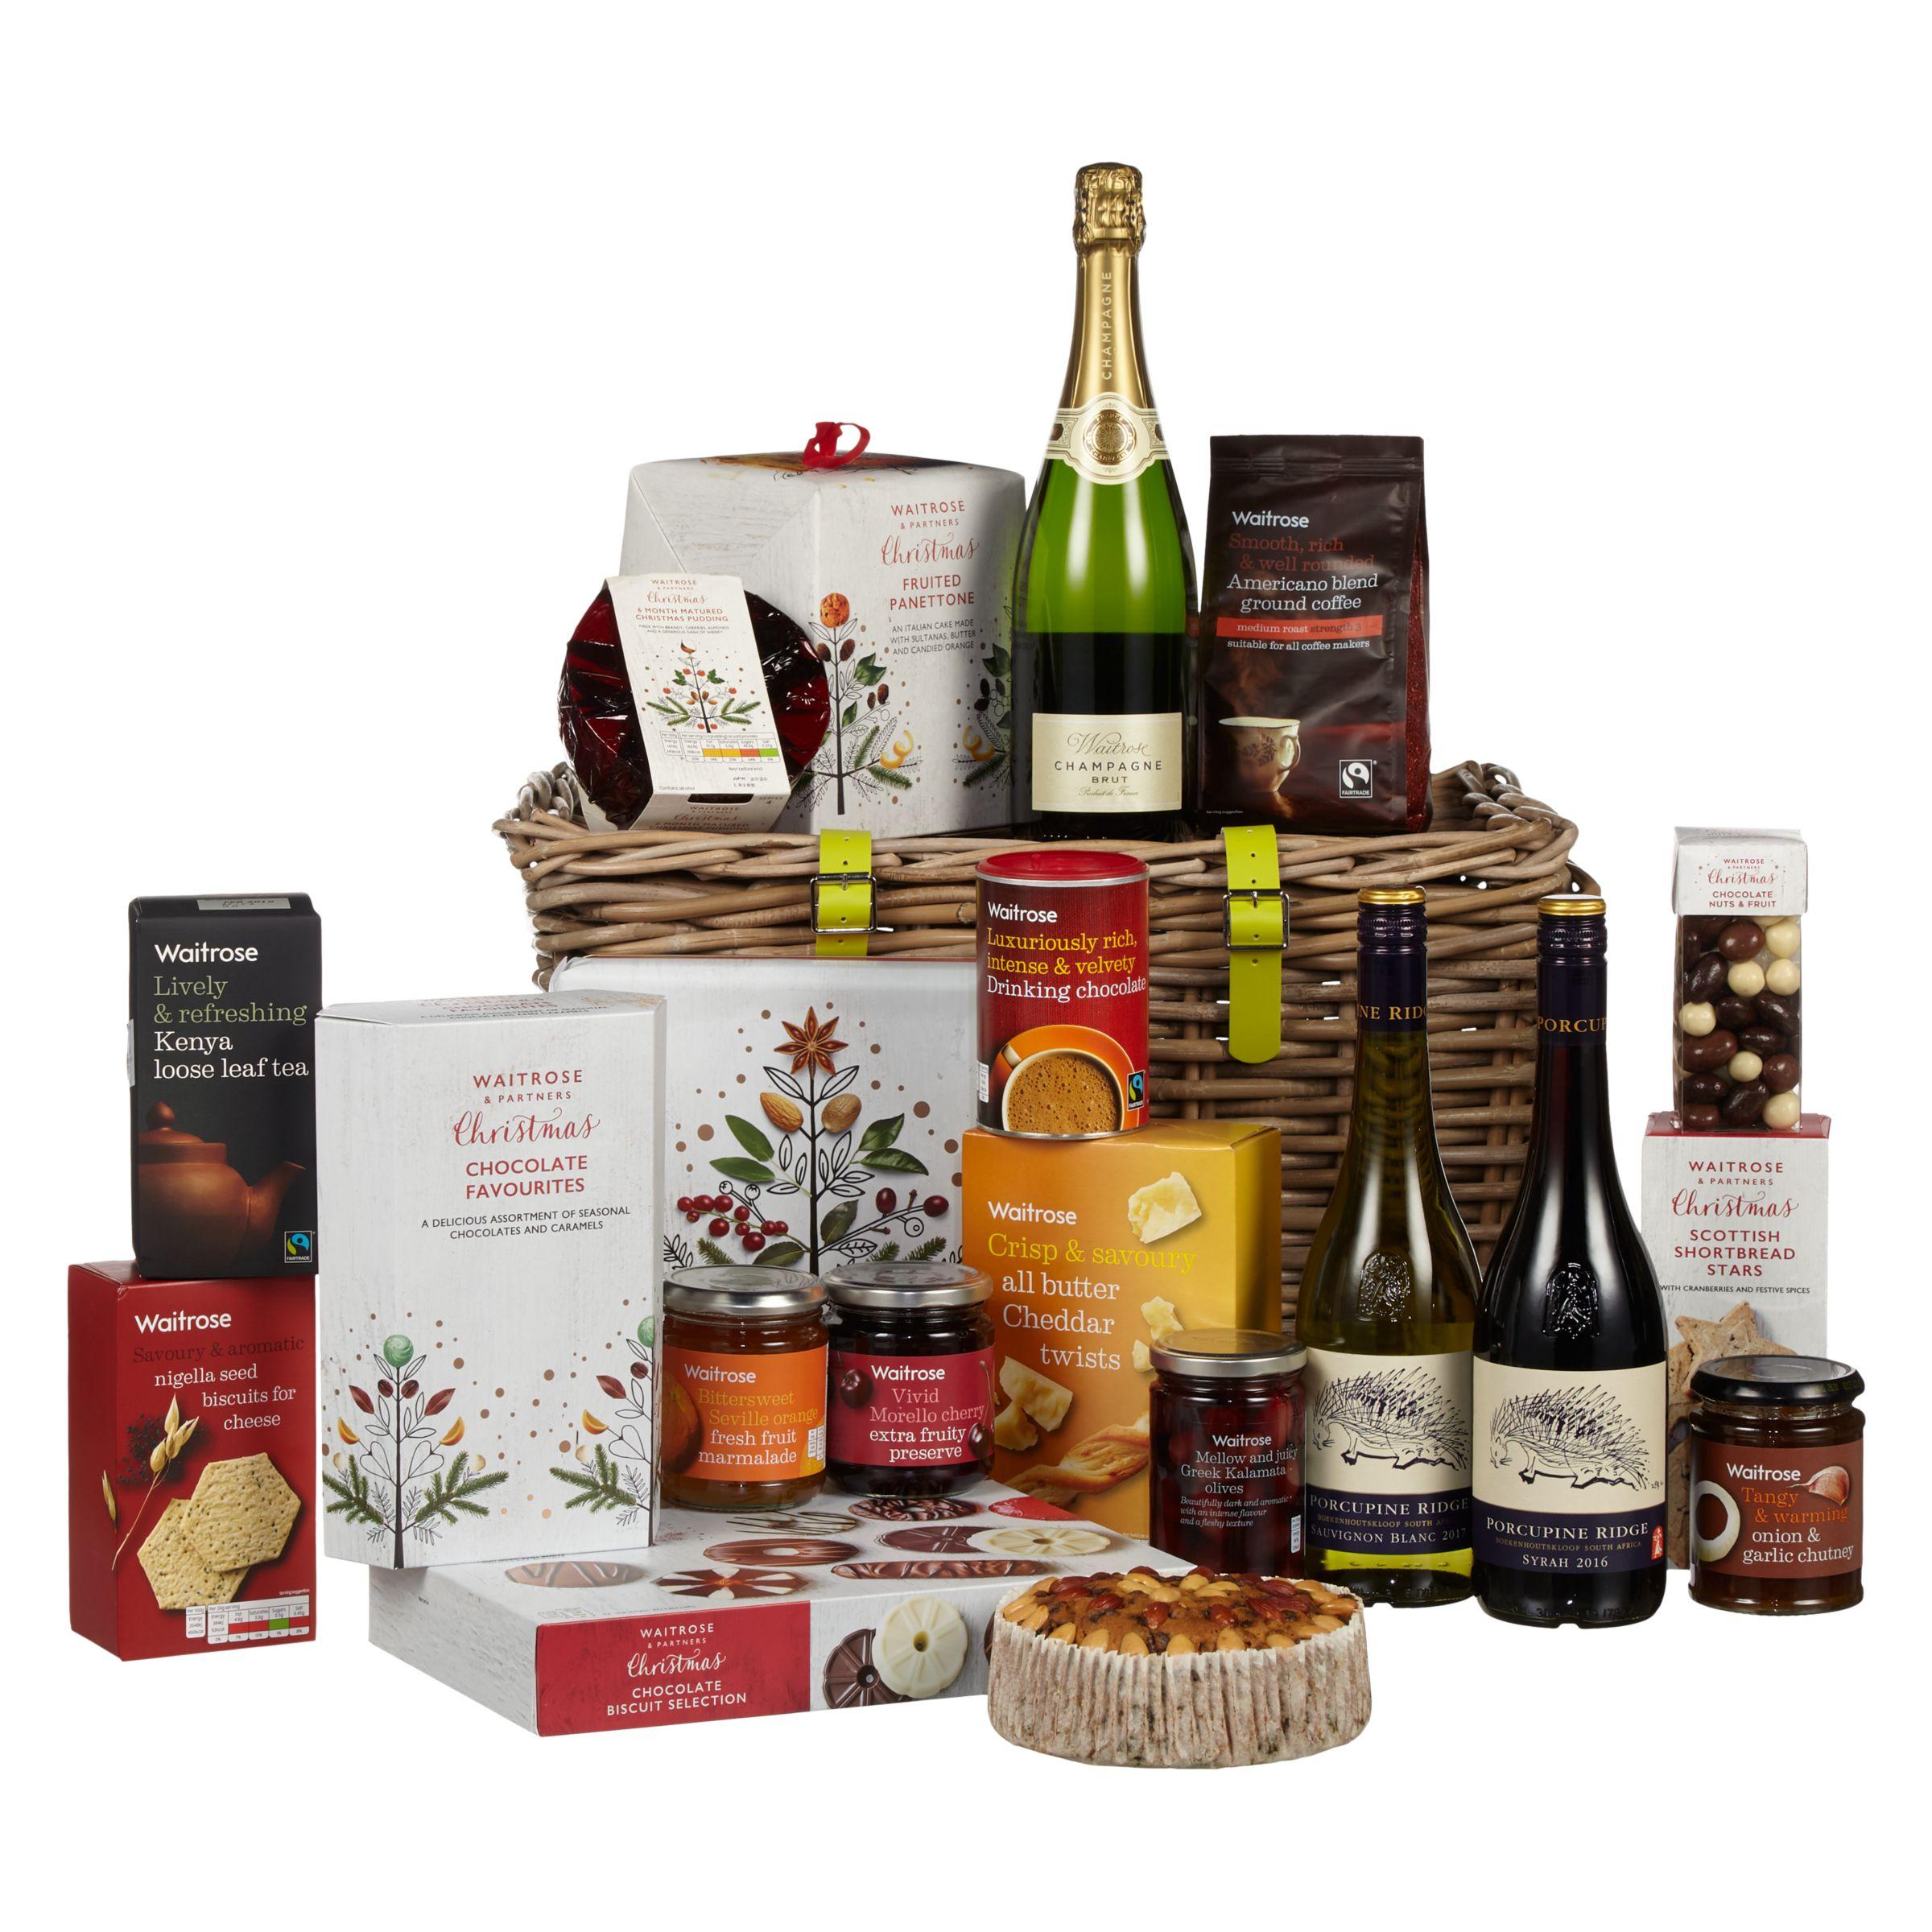 Waitrose Partners Luxury Christmas Kubu Basket Hamper At John Lewis Partners